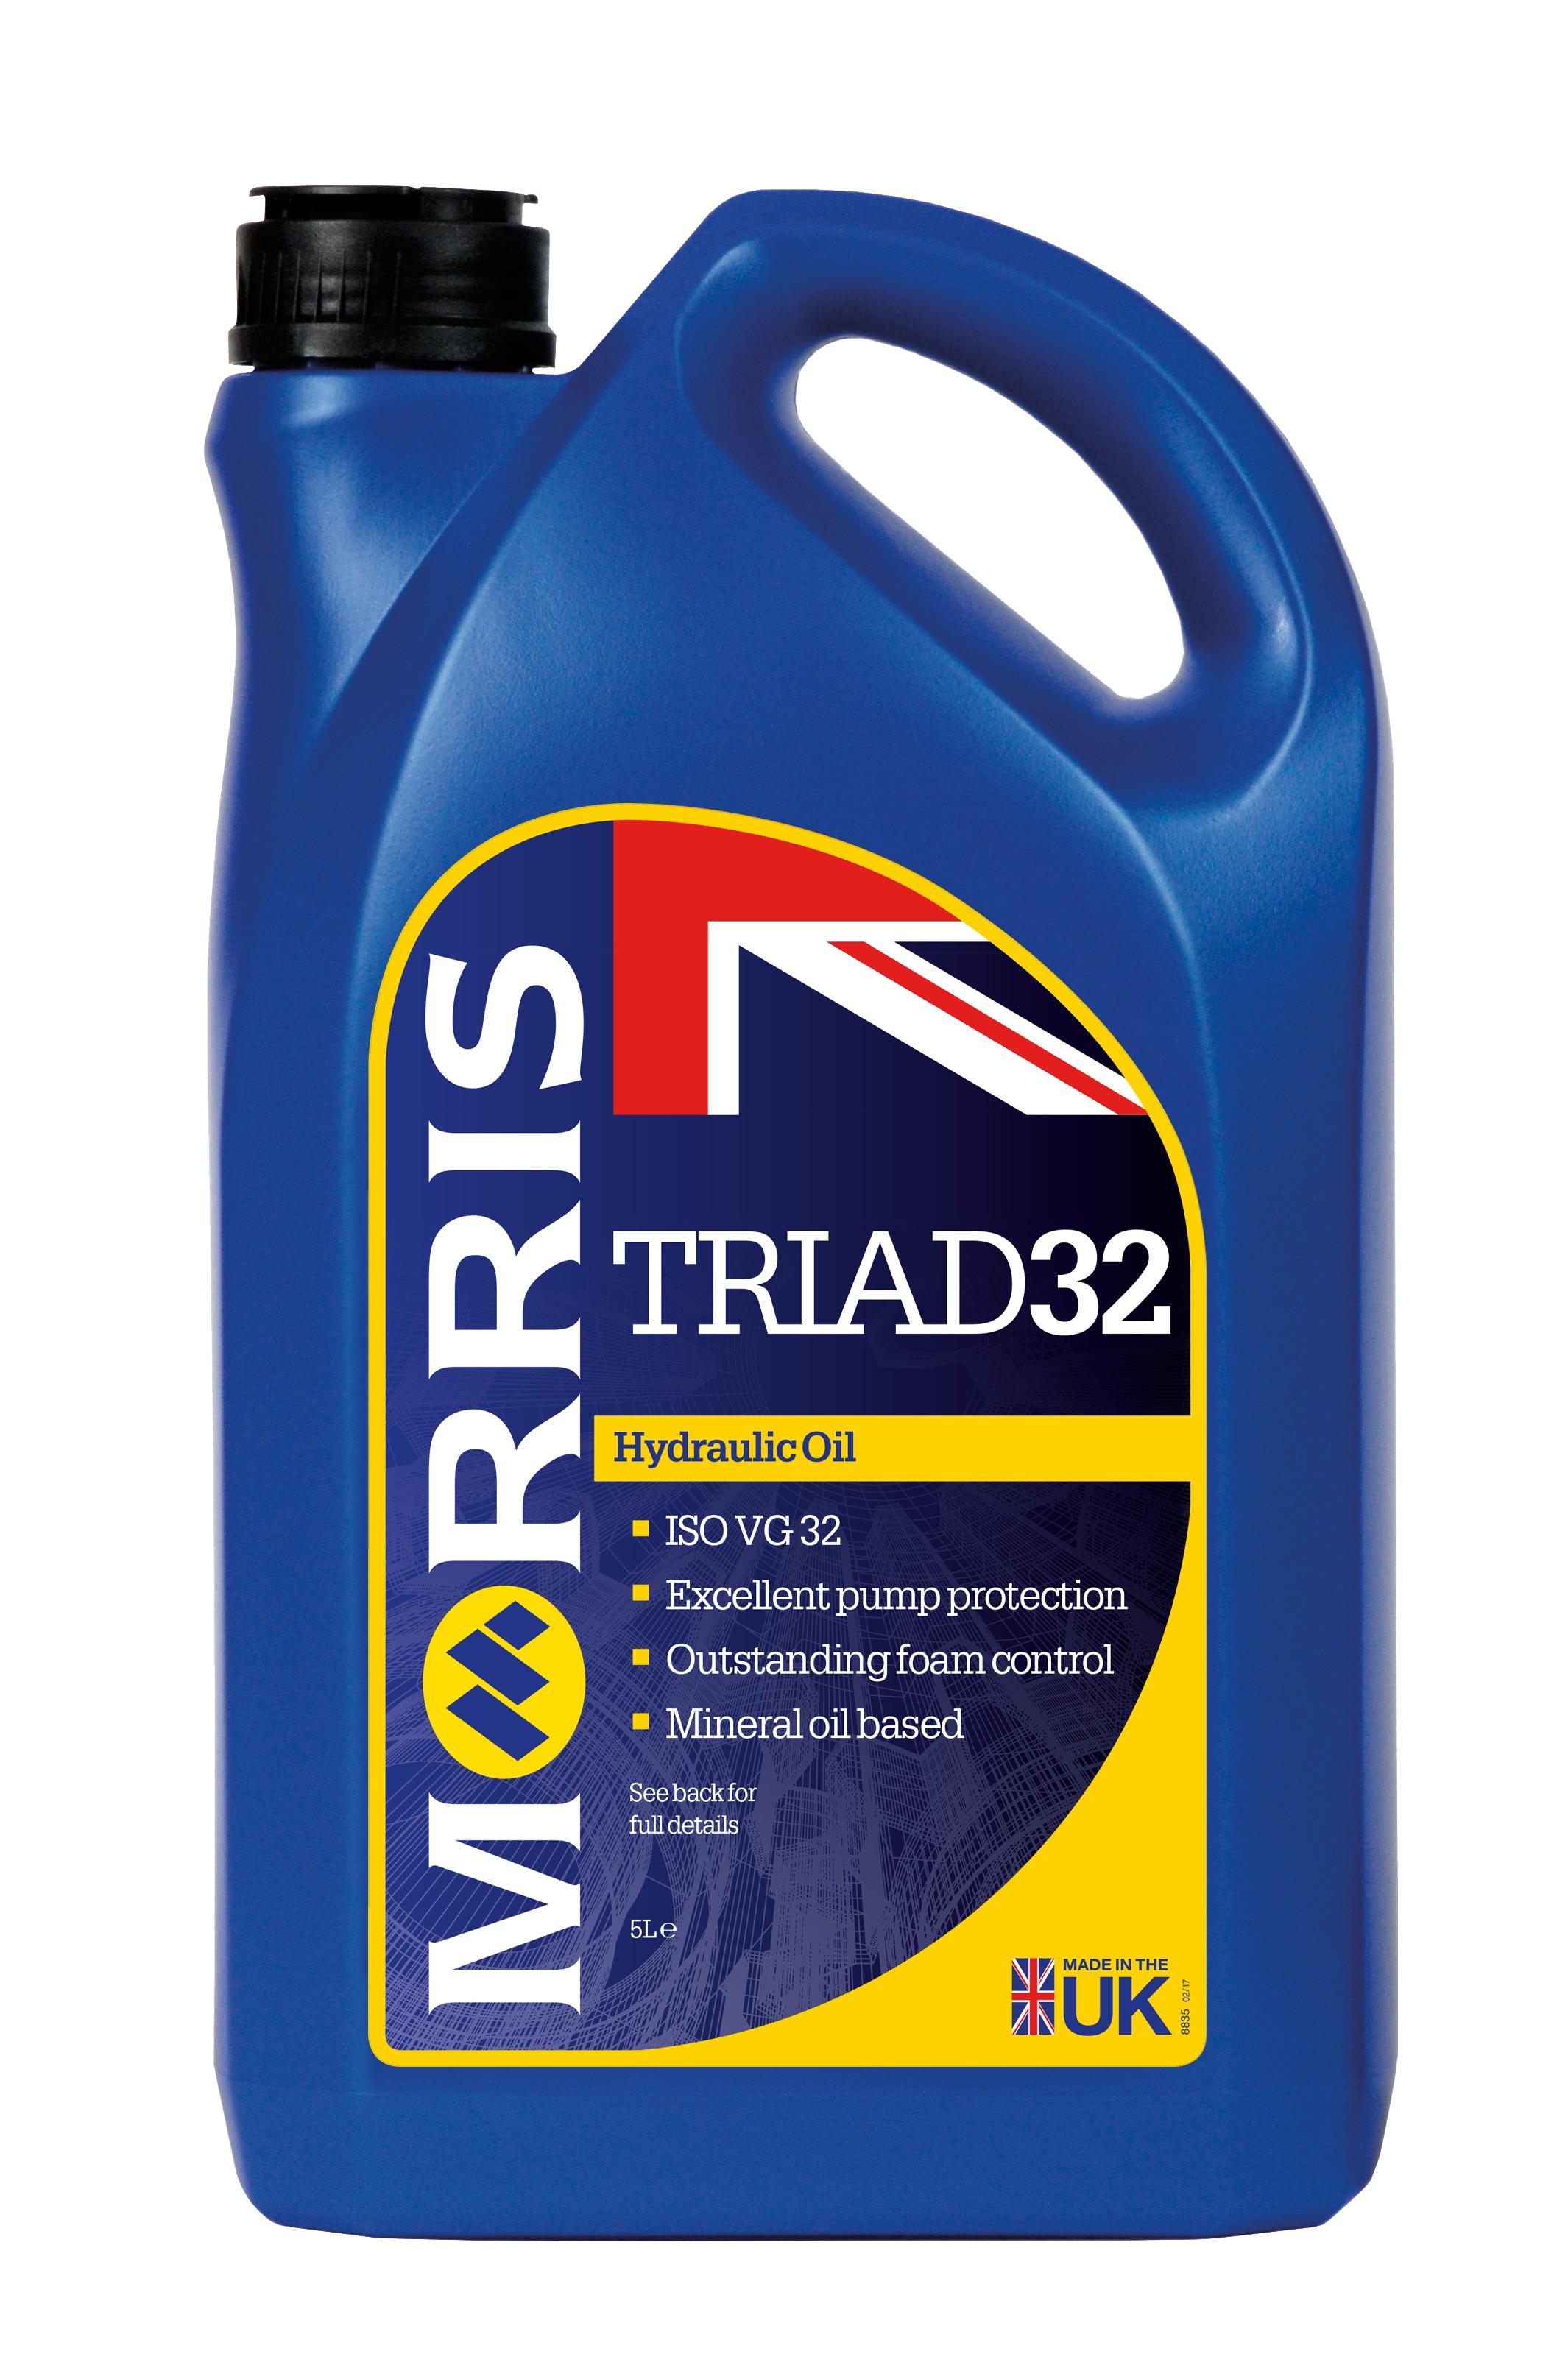 Triad 32 Hydraulic Oil